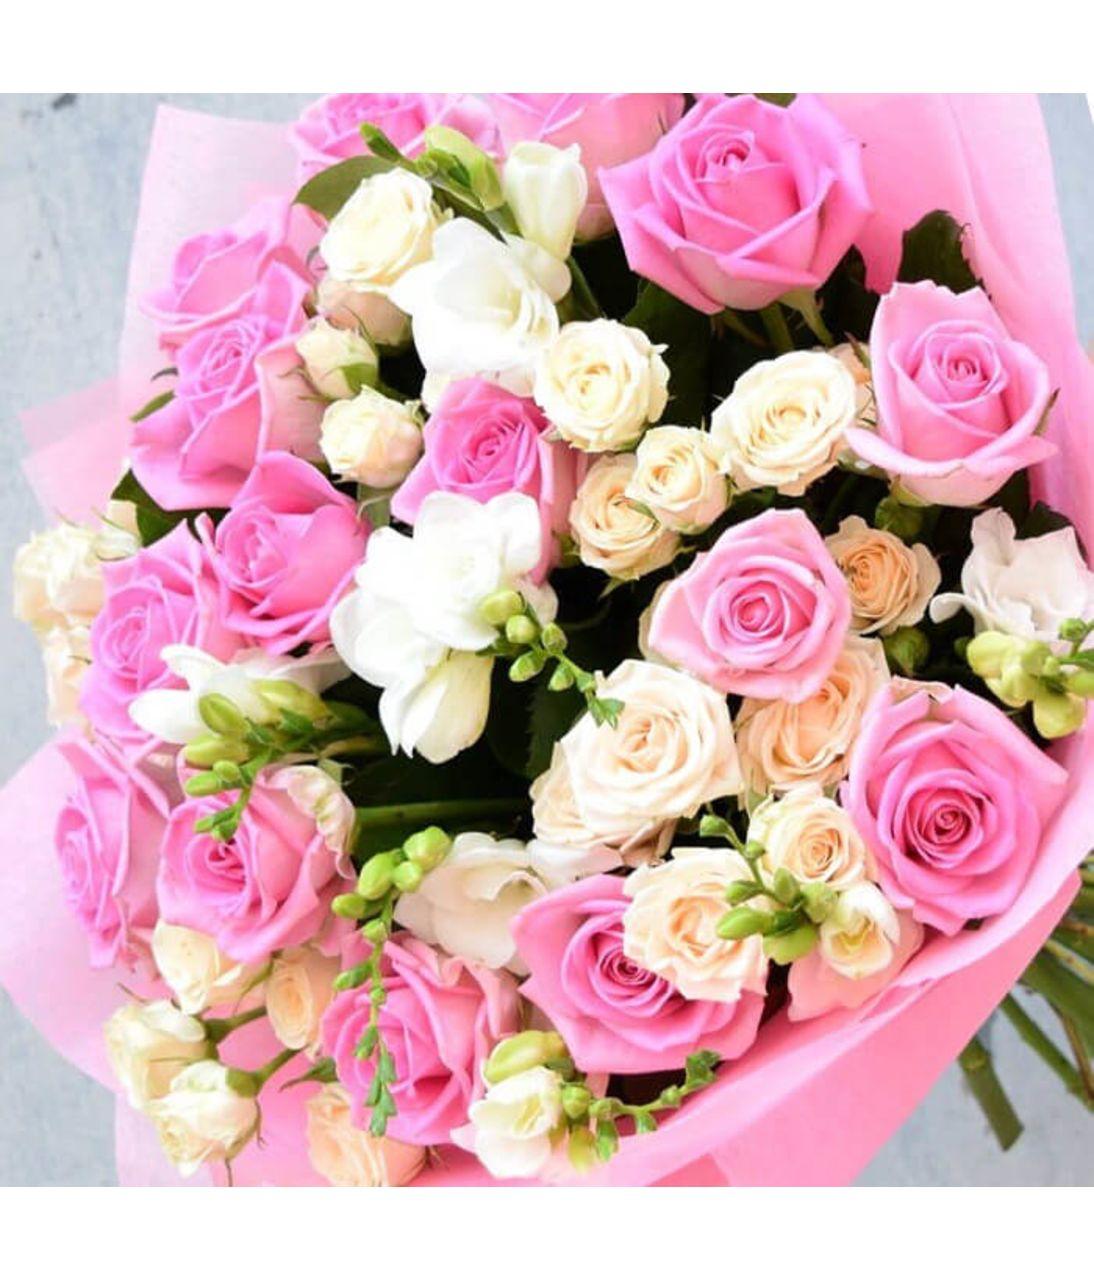 """Сборный букет цветов """"Цветочный микс"""". Superflowers.com.ua. Купить букет из разных цветов в Киеве"""